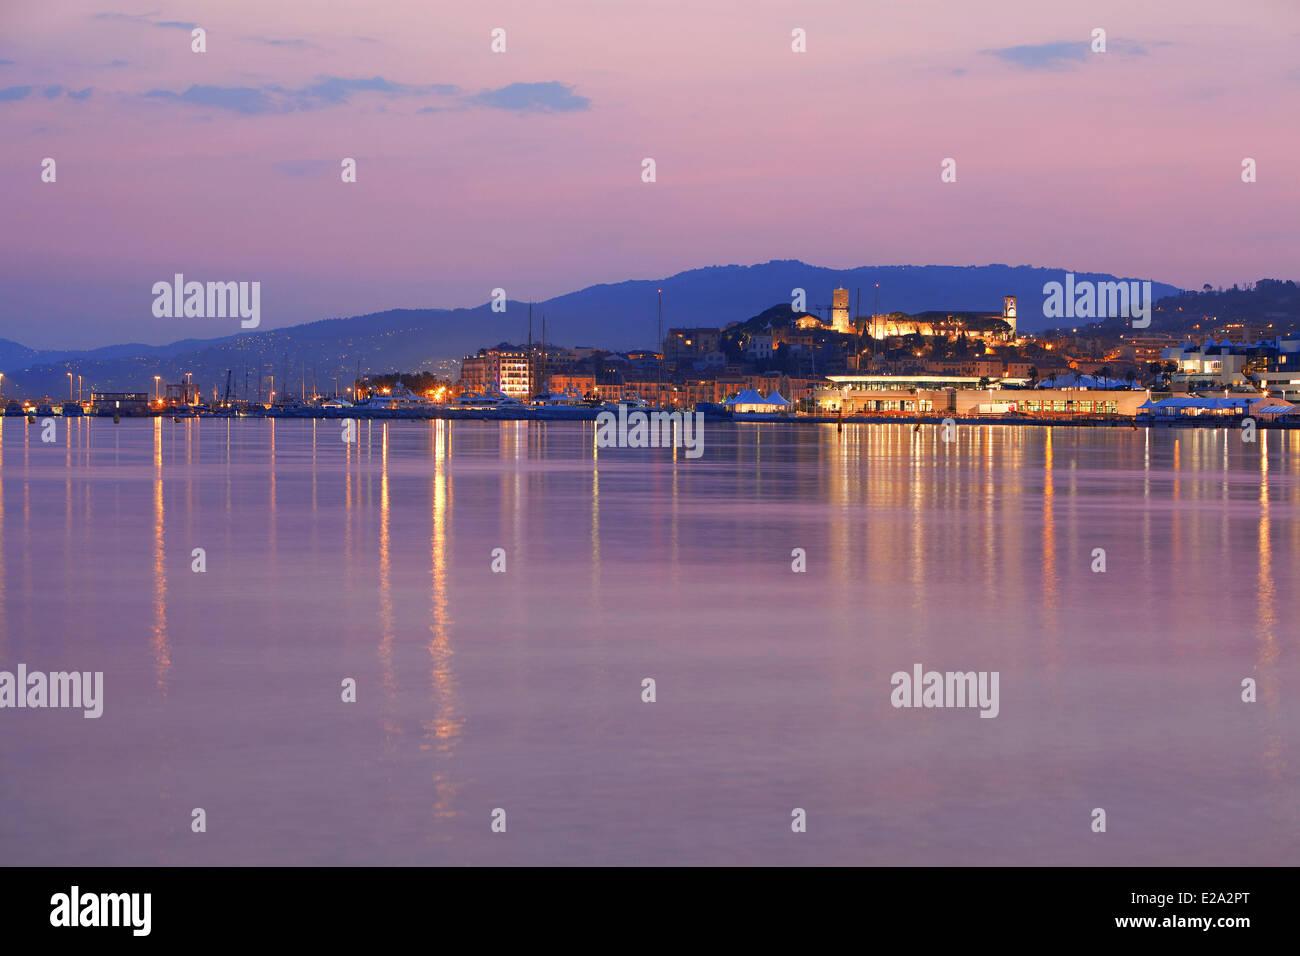 France, Alpes Maritimes, Cannes, Le Suquet District - Stock Image